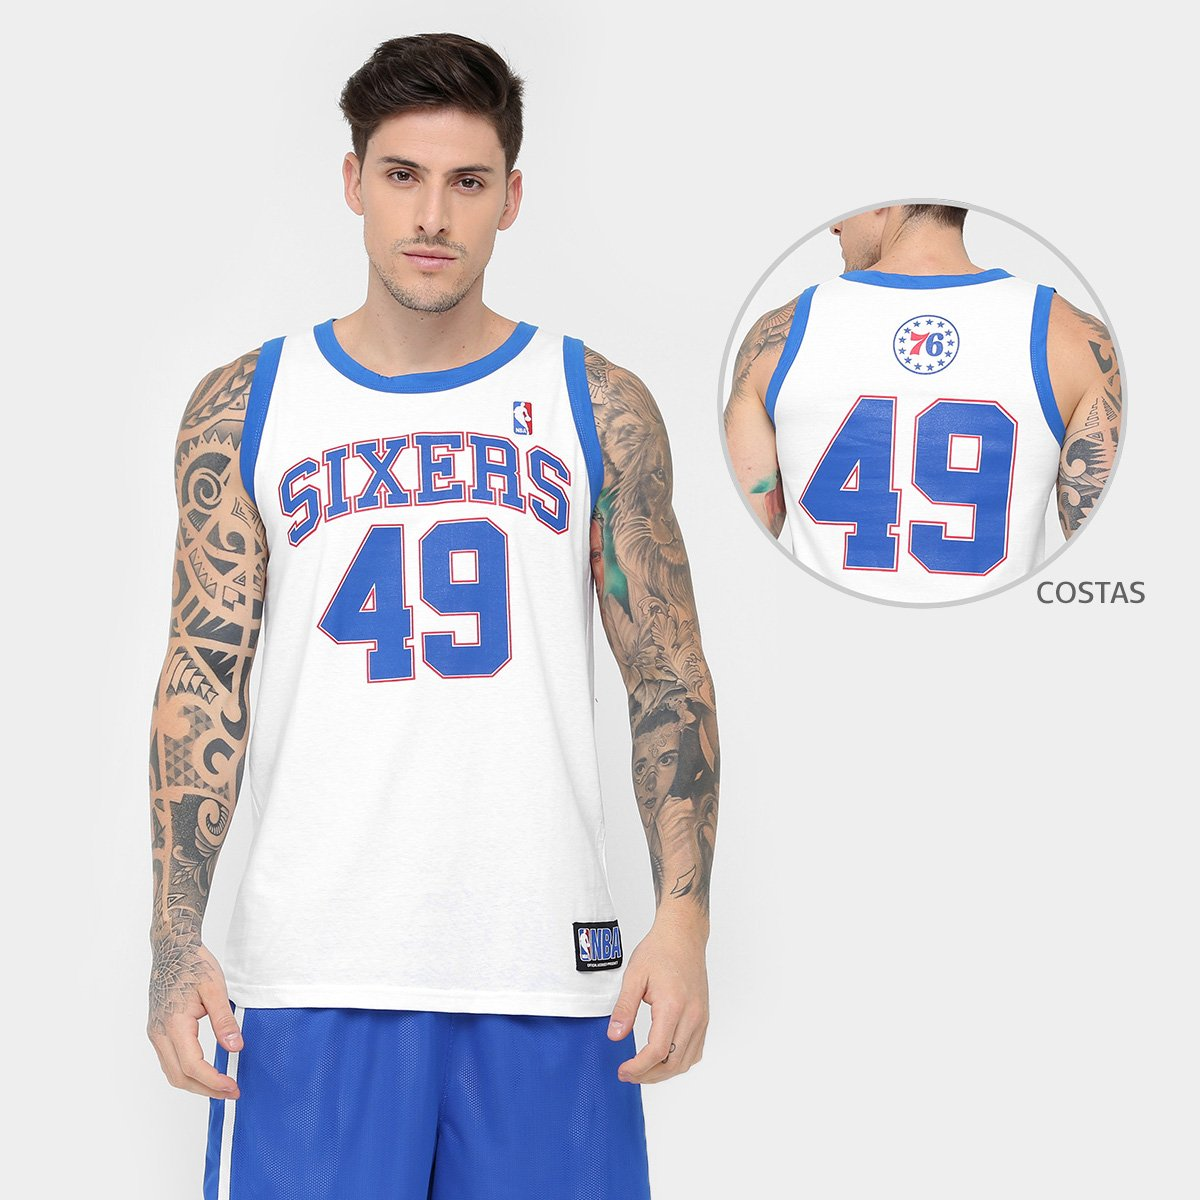 8553d8e11 Camiseta Regata Retrô NBA Philadelphia 76Ers - Compre Agora